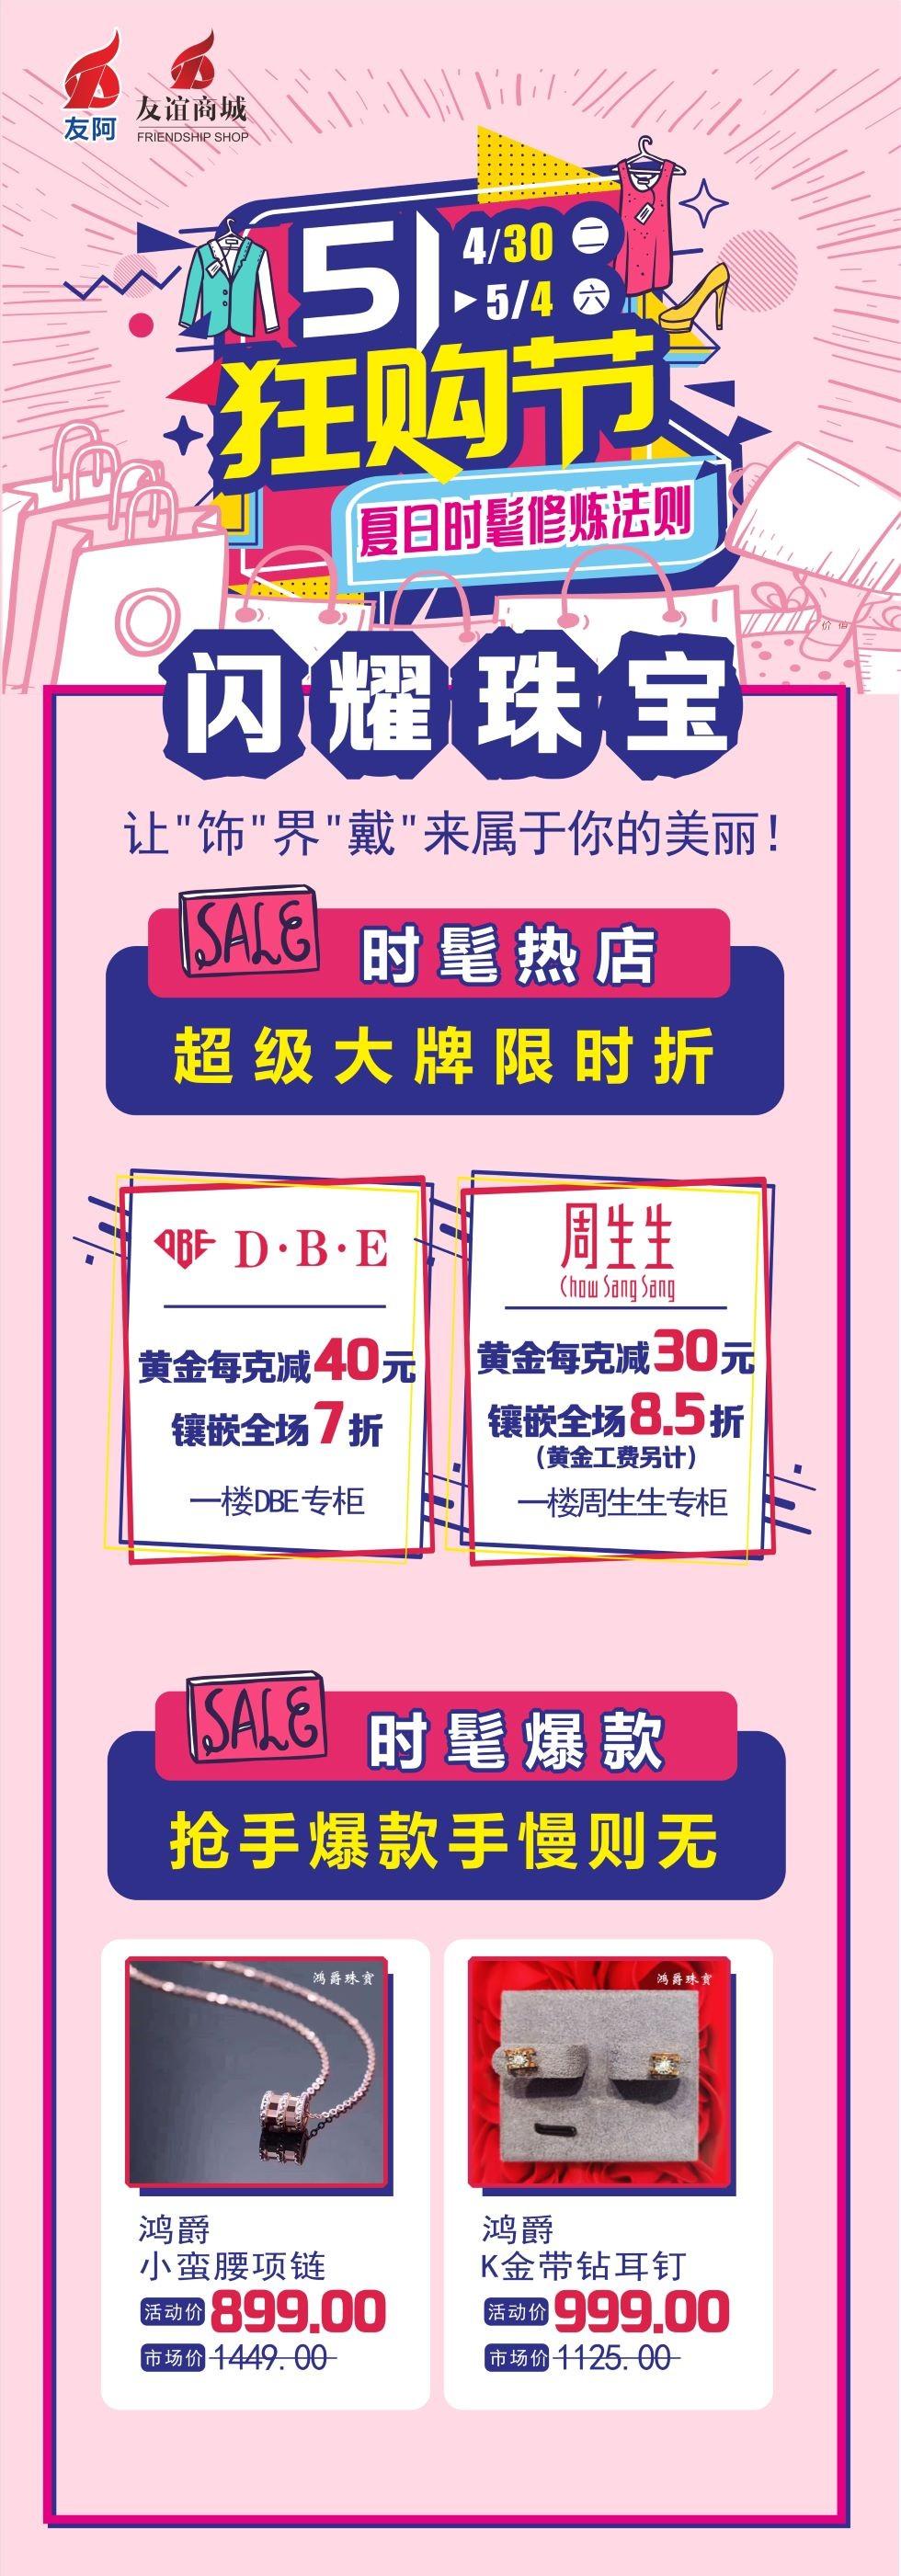 新東方×友阿 | 品牌聯合狂歡節,福利接到你手軟!